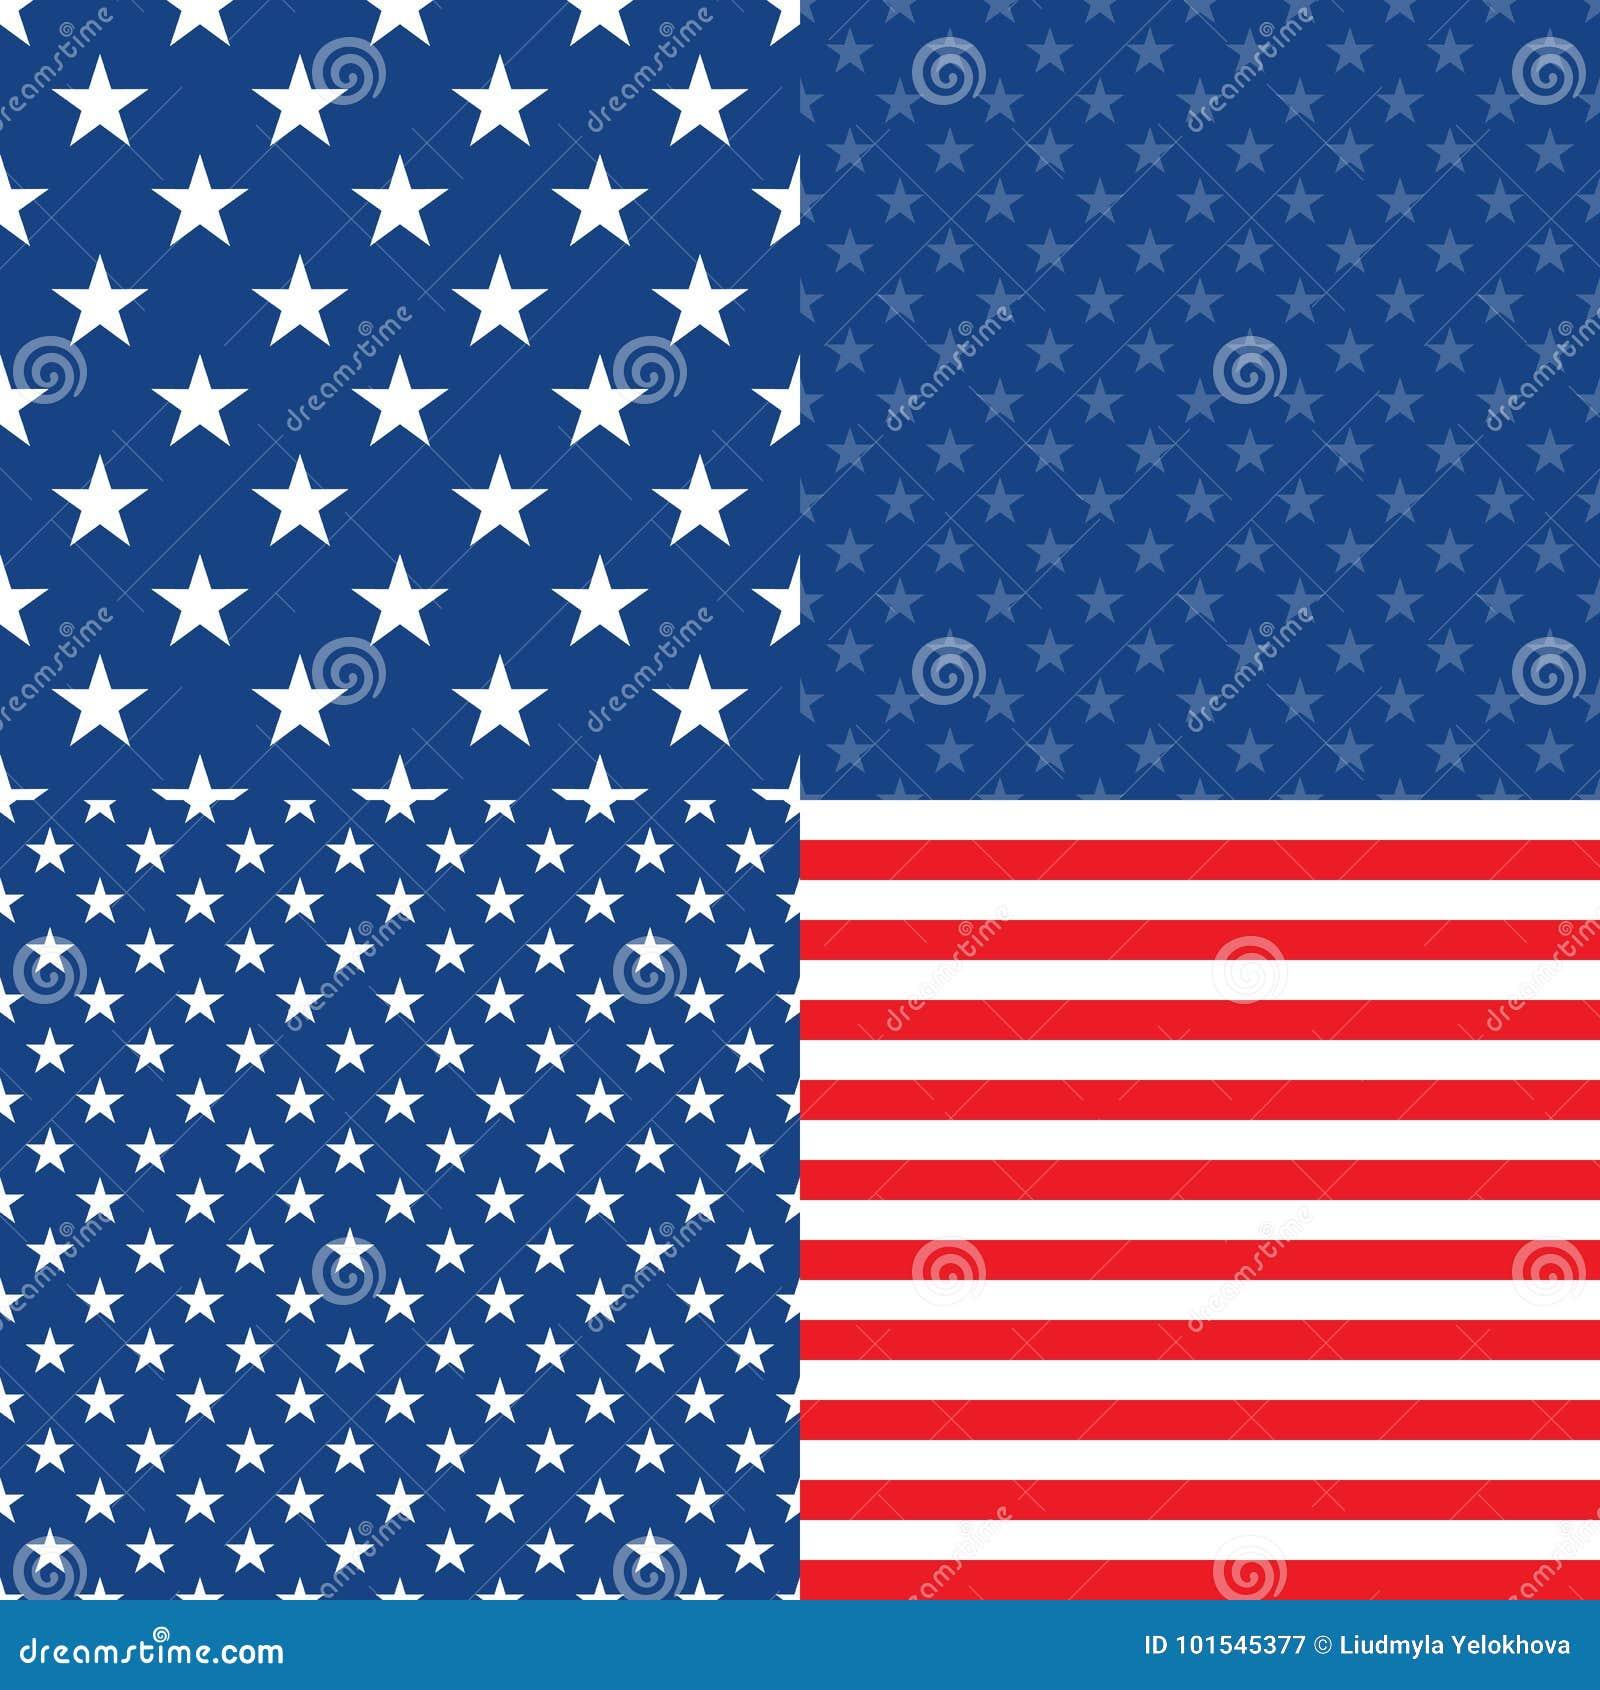 Día de la Independencia en los E.E.U.U. Conjunto de 4 modelos inconsútiles